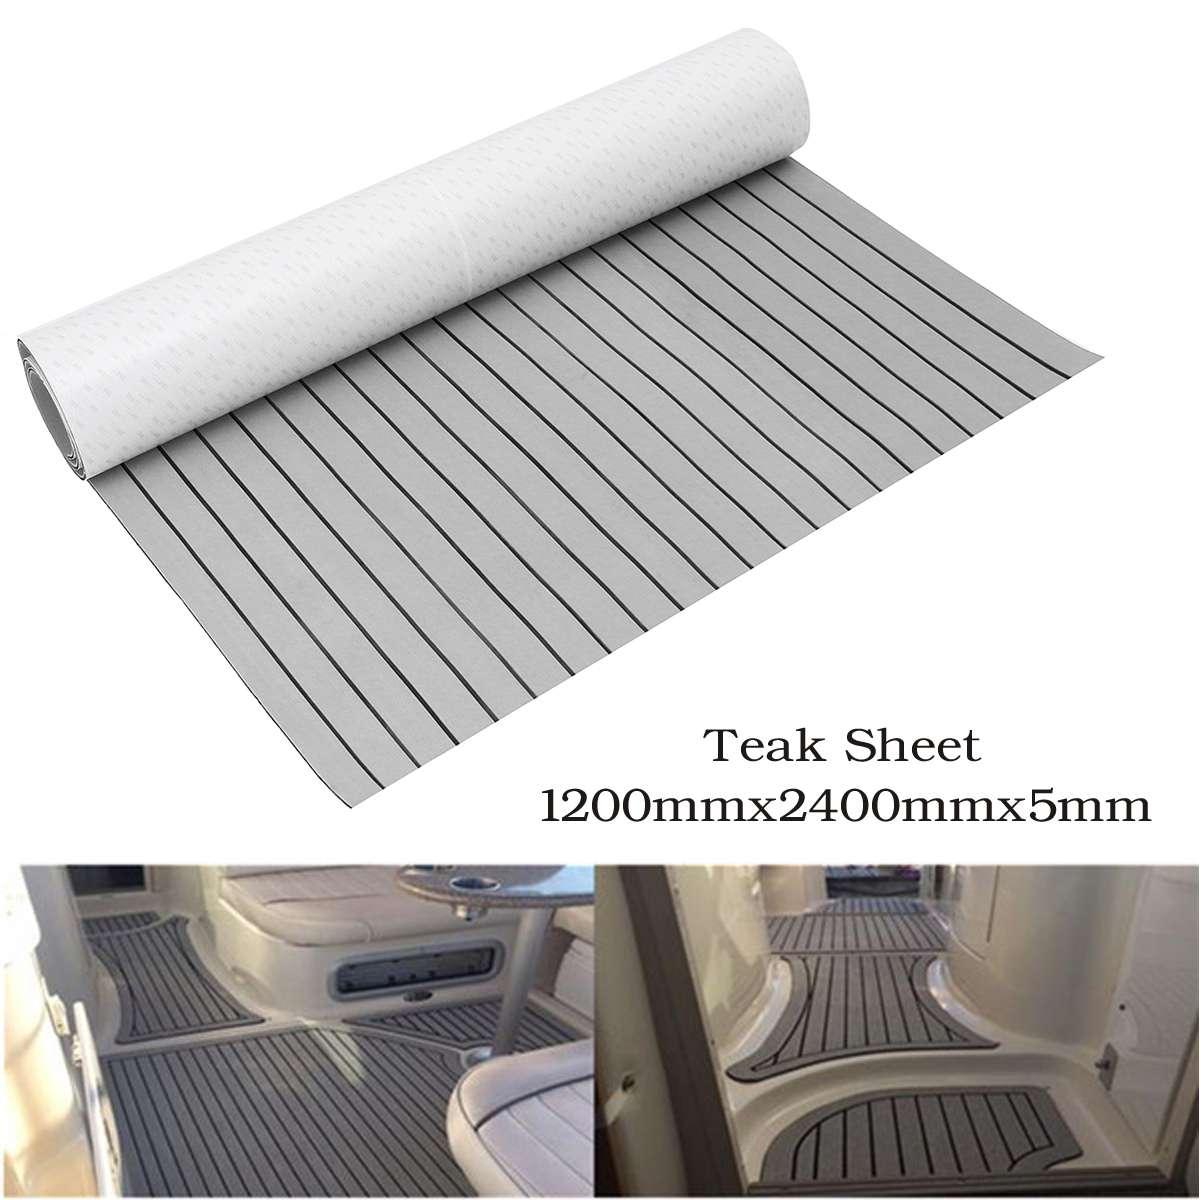 1200mm x 2400mm auto-adhésif EVA mousse teck feuille teck bateau platelage voiture bateau Yacht synthétique teck plancher tapis tapis gris 5mm